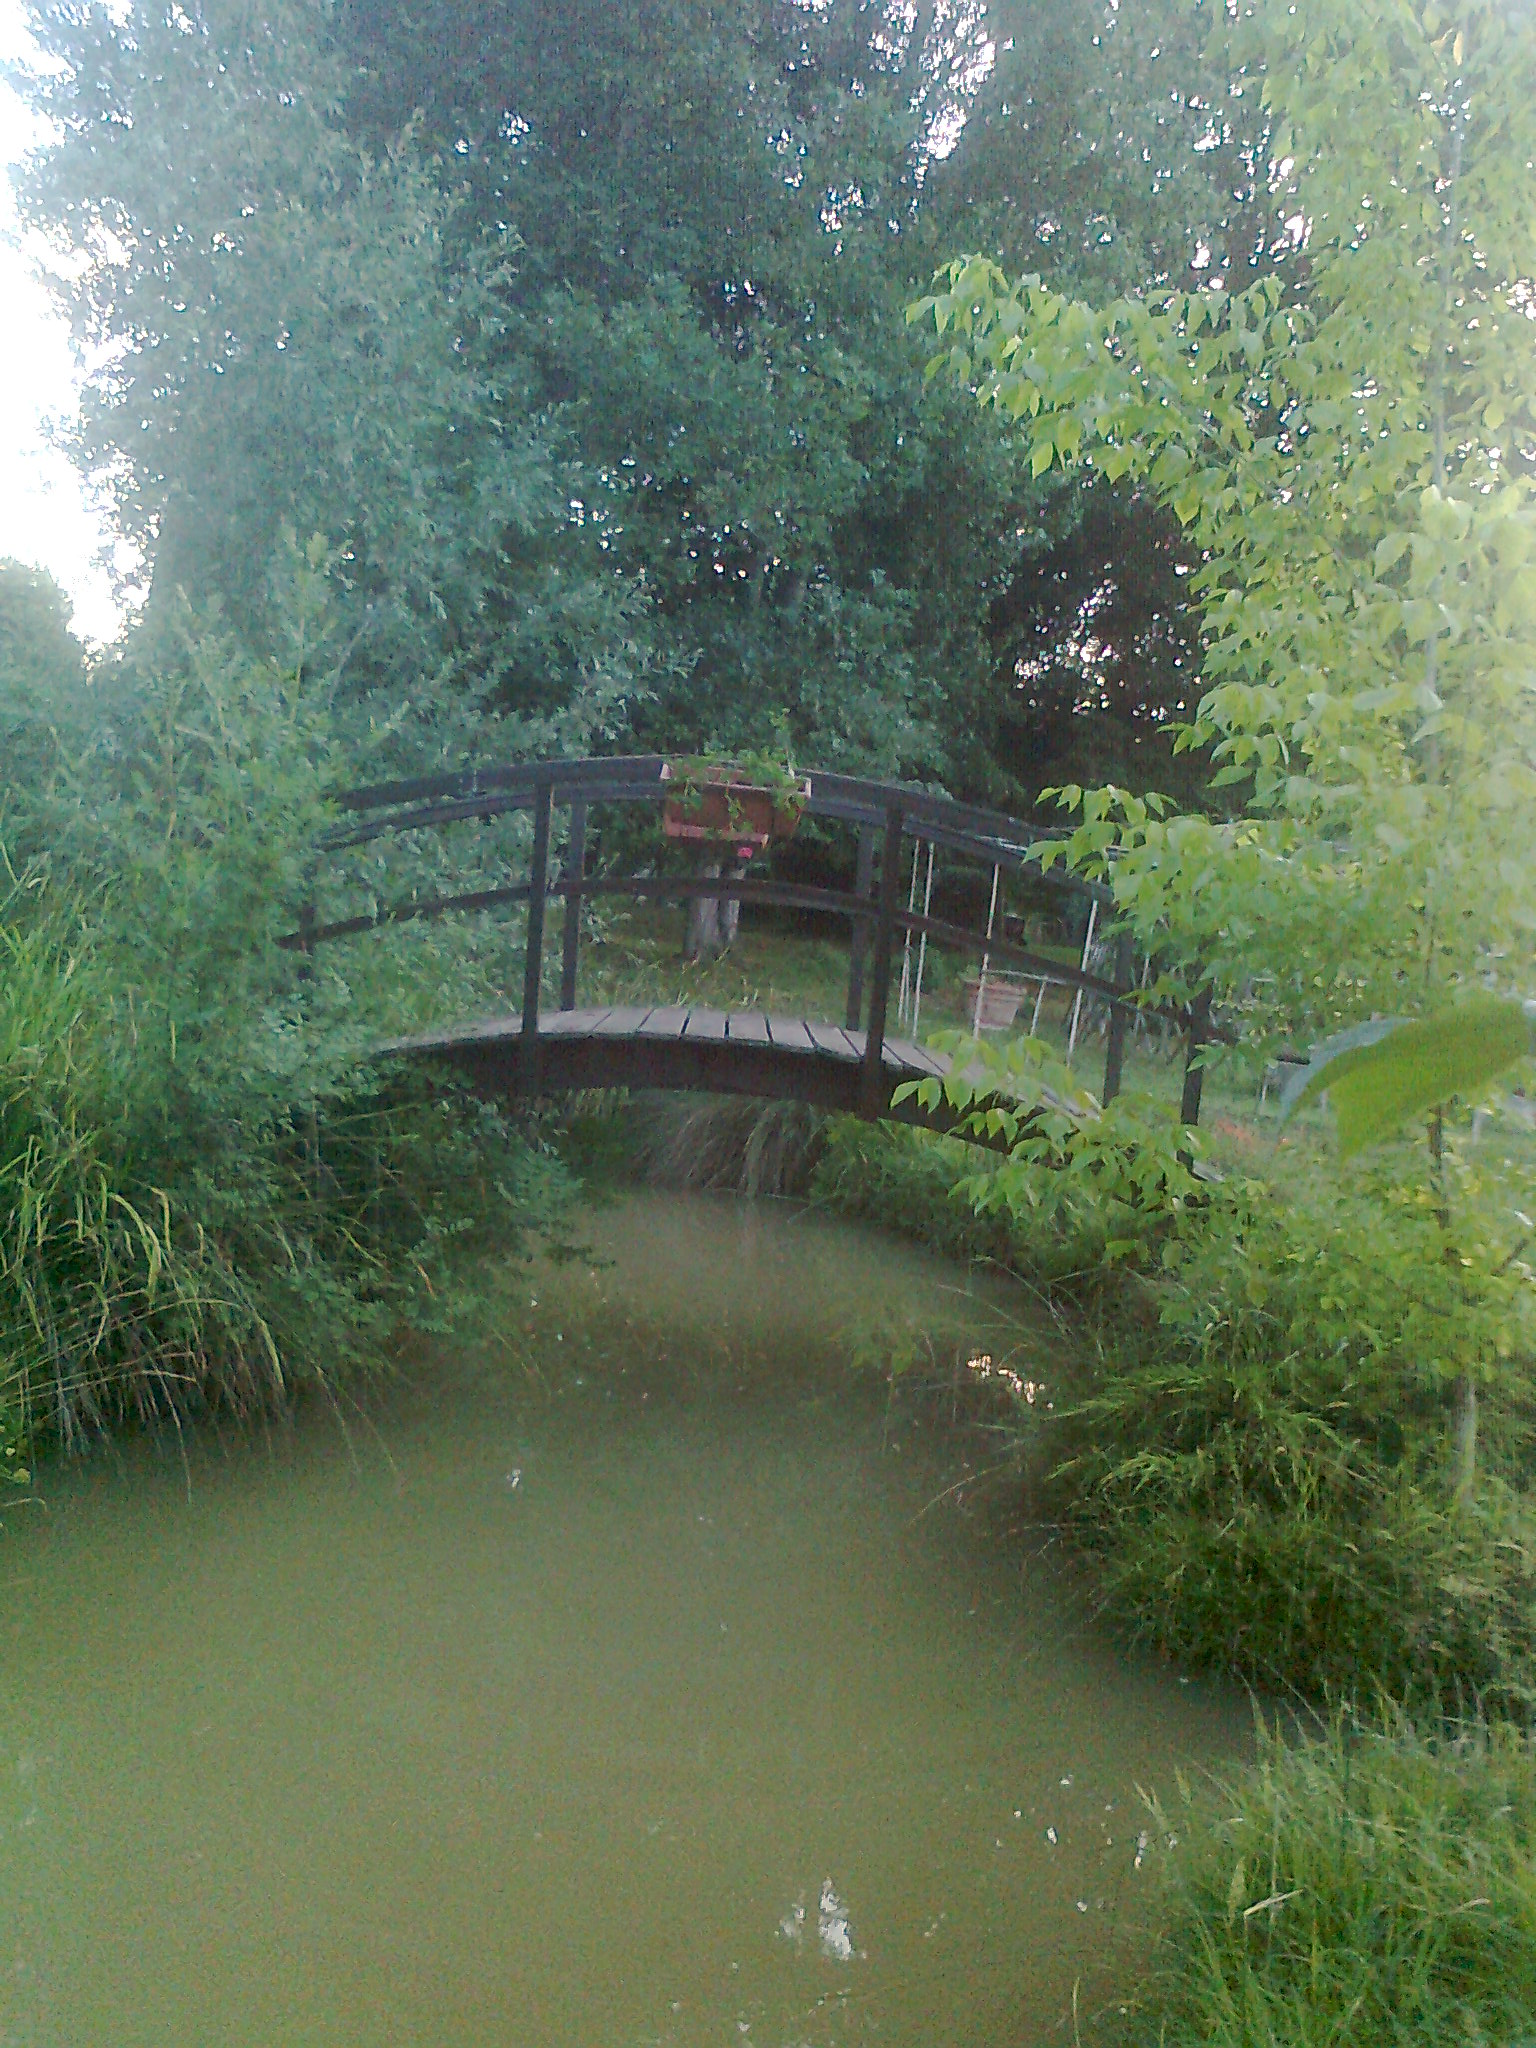 verts tiges, artisan spécialisé en Elagage / Taille